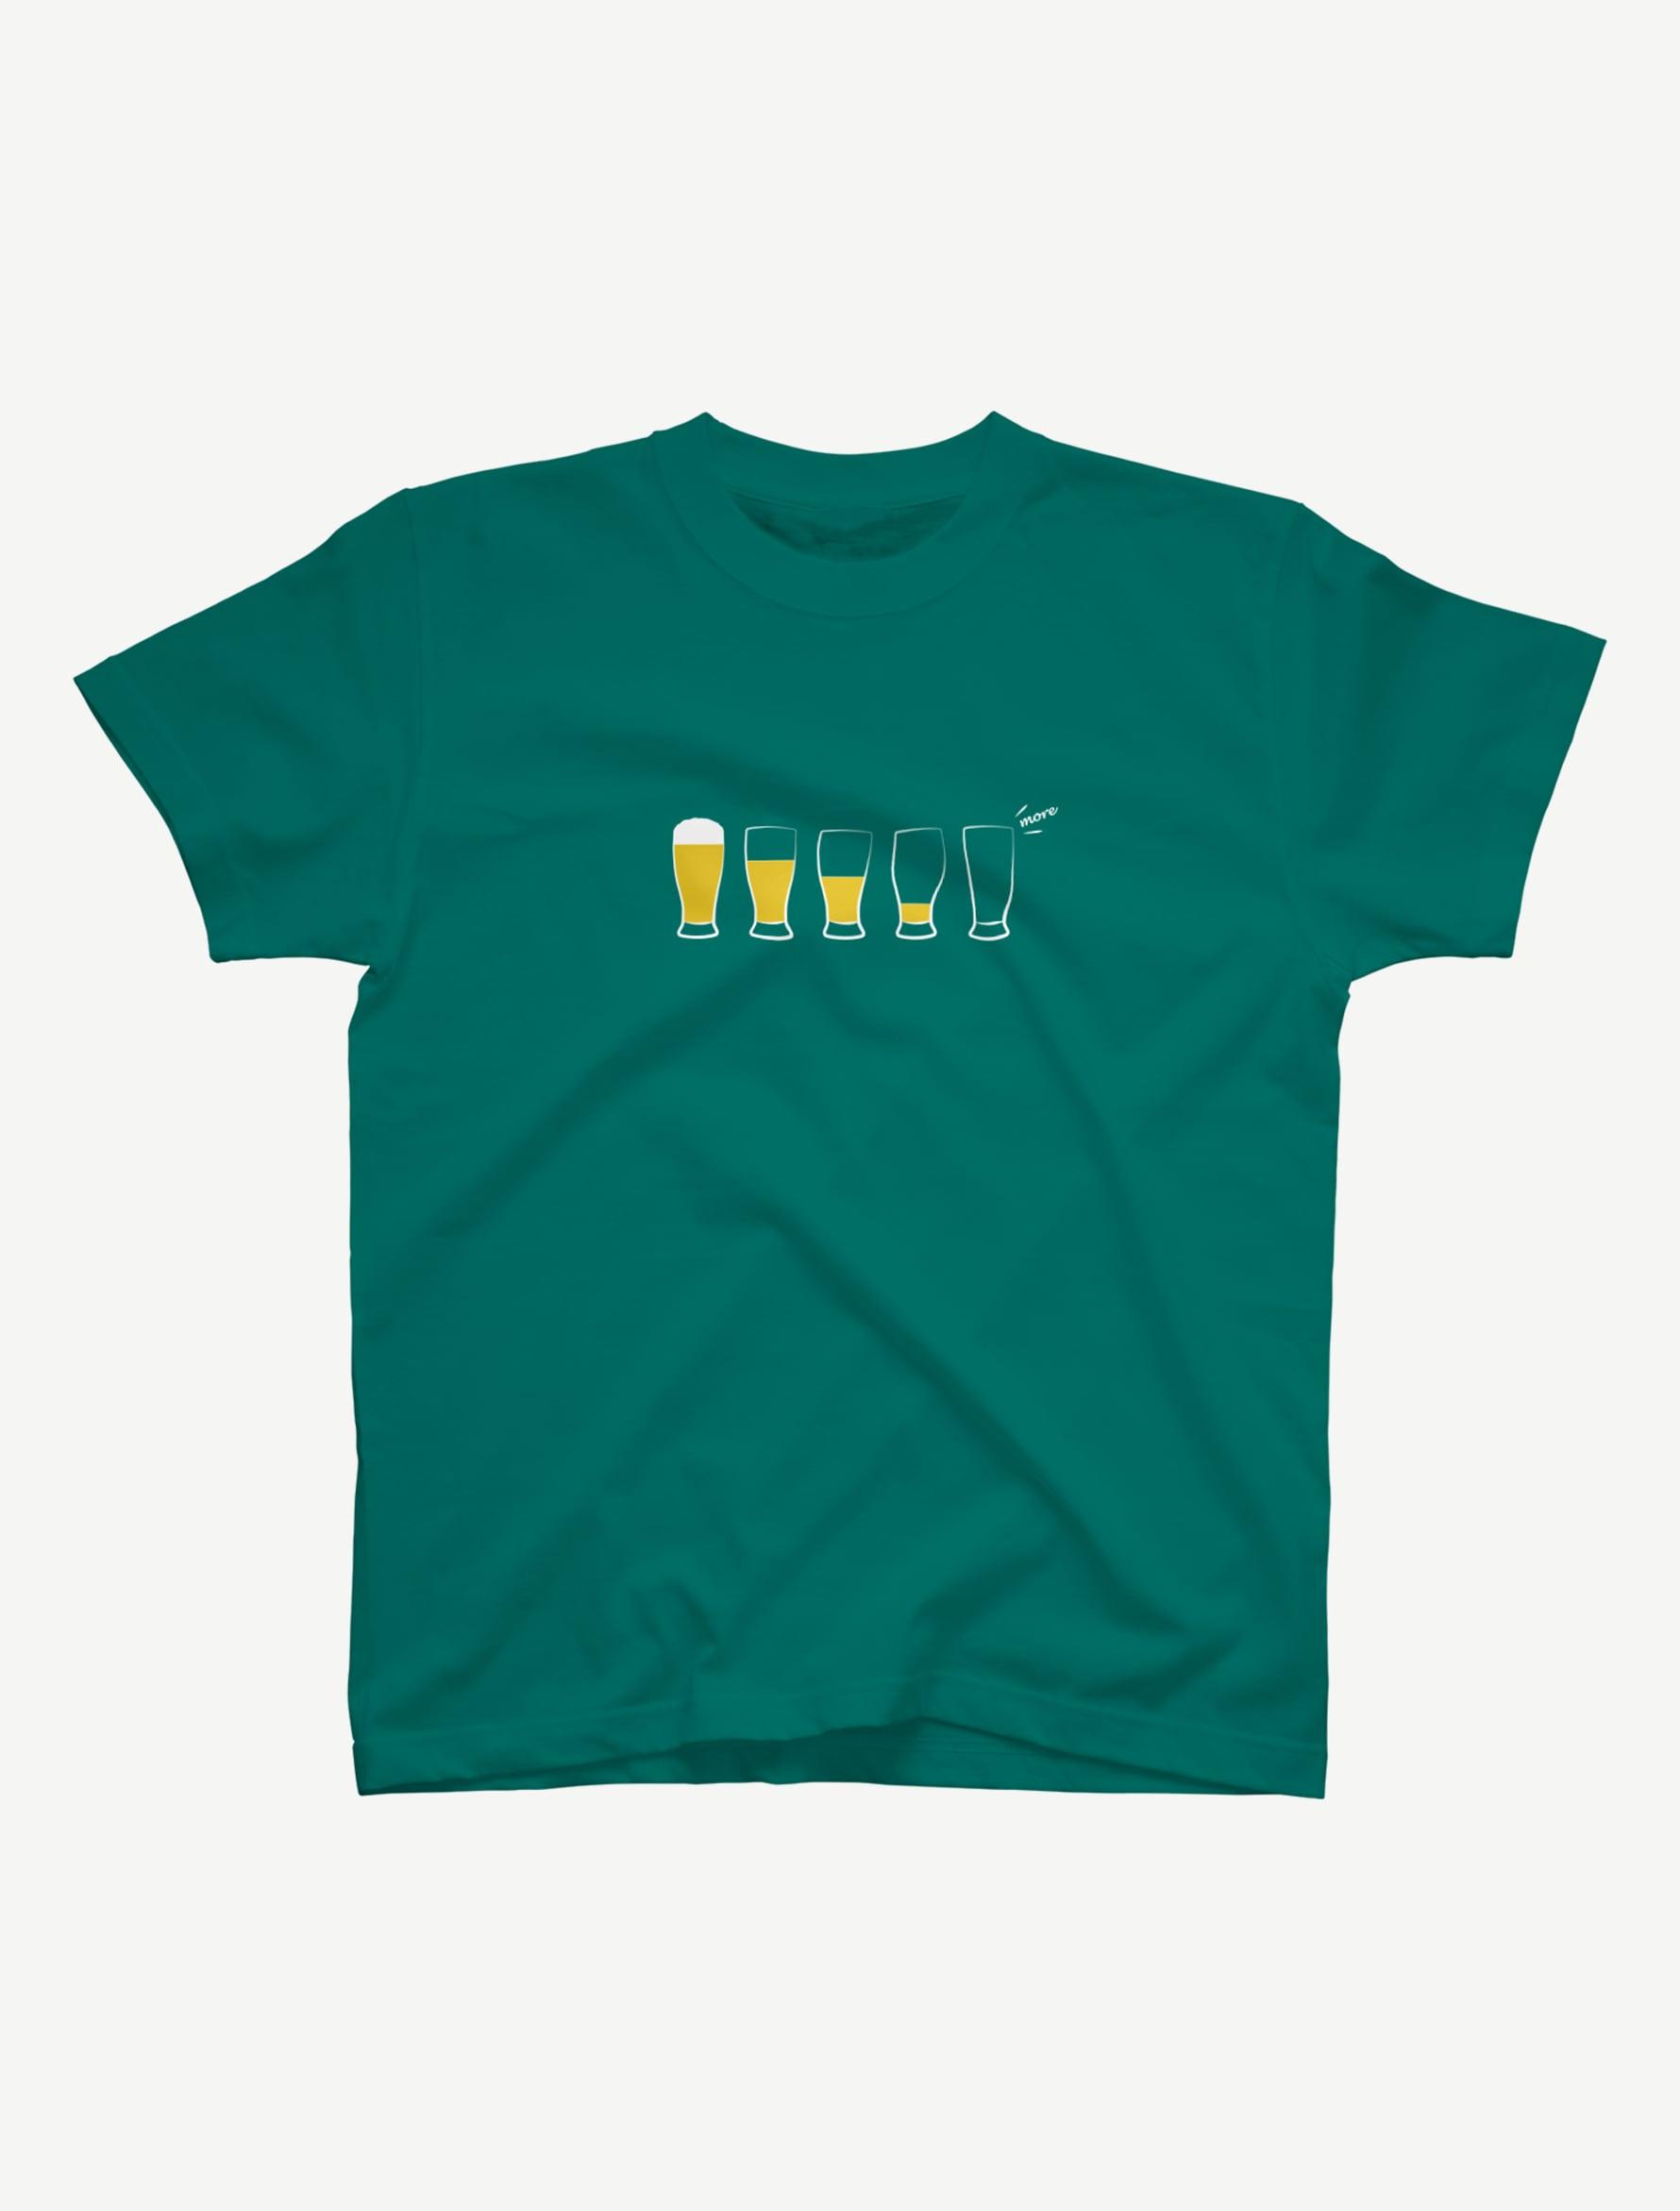 【モア・ビア】Tシャツ(アップルグリーン)